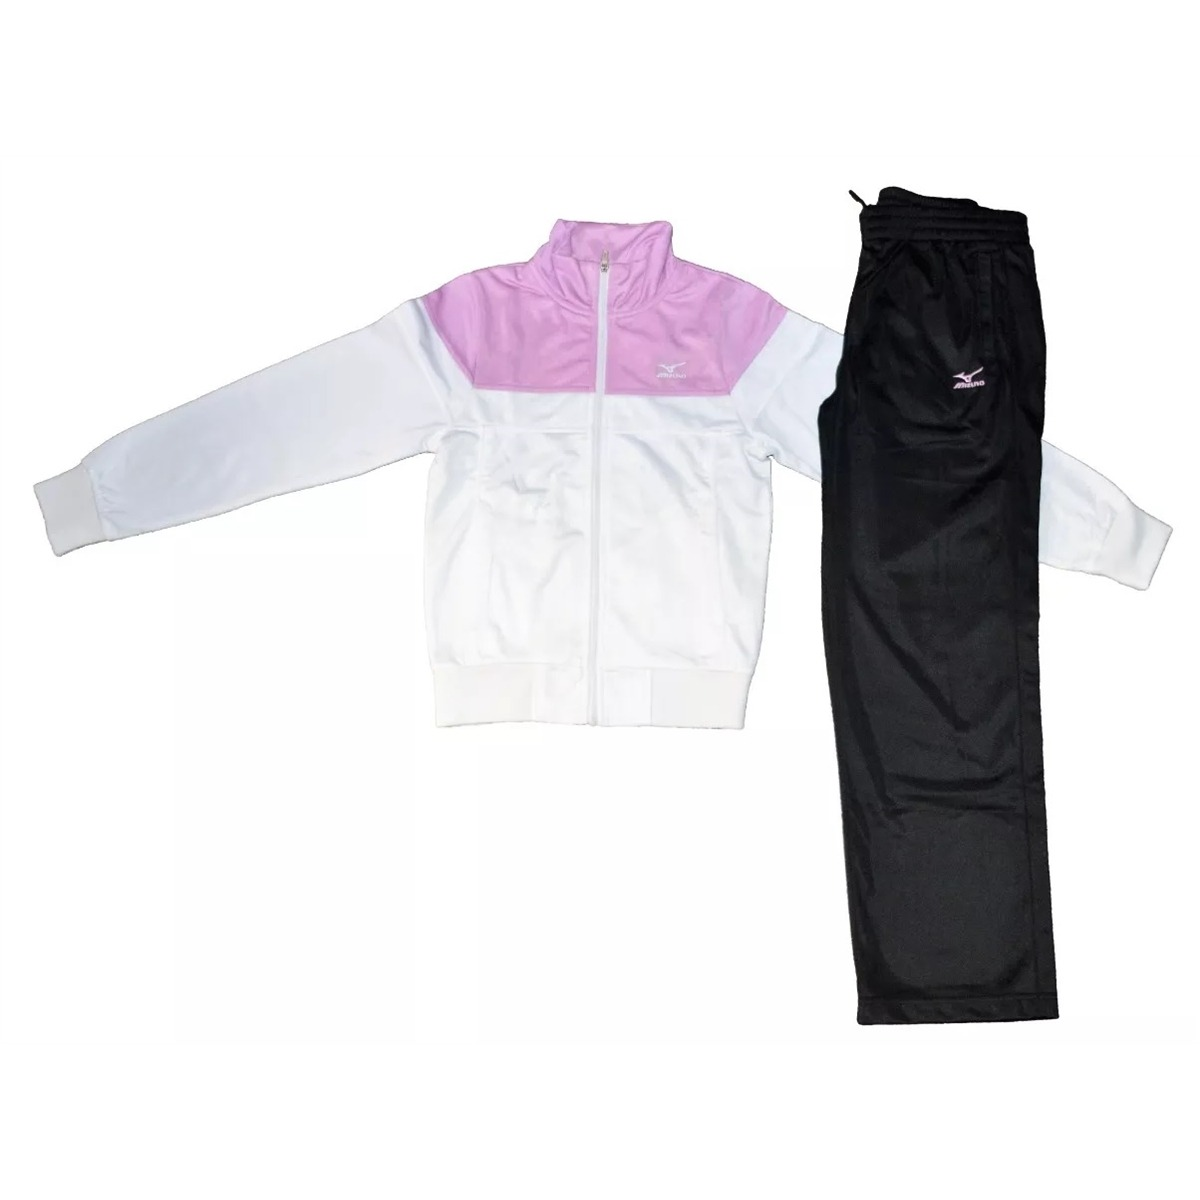 49d17ff19a1eb agasalho jaqueta + calça mizuno infantil promoção original. Carregando zoom.